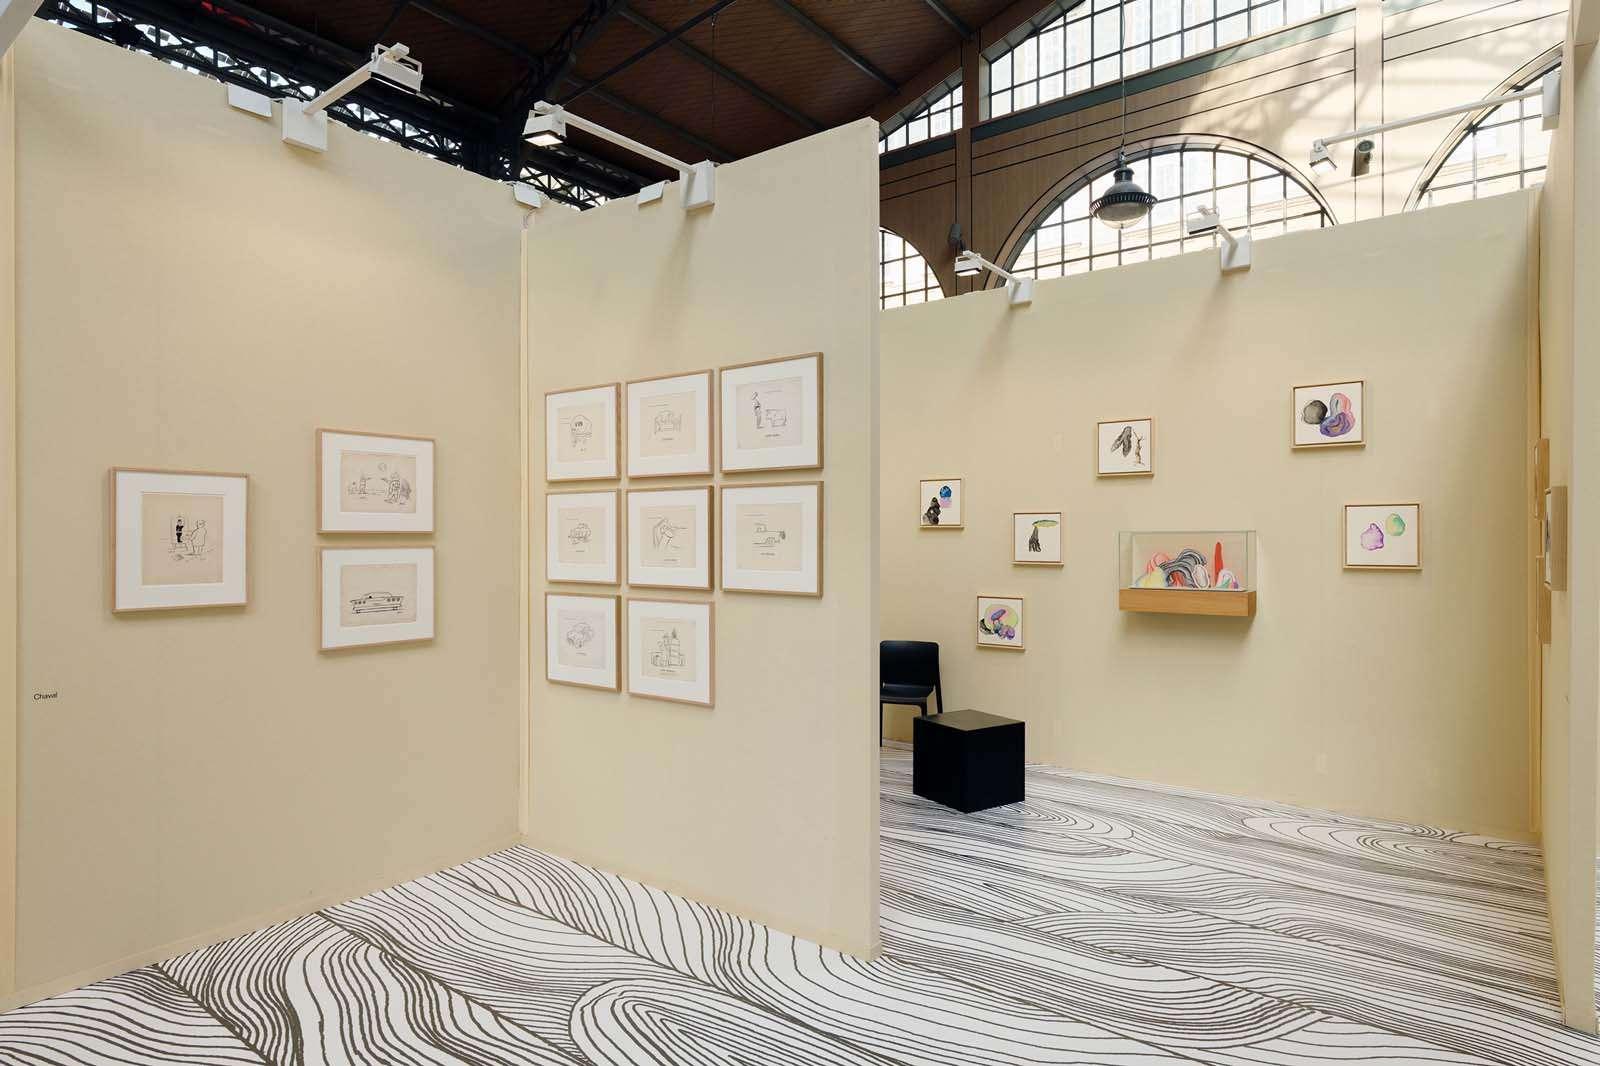 Drawing Now, Paris (FR)Chaval, Guillaume Dégé, Hippolyte Hentgen, Thomas Lanfranchi & Françoise Pétrovitch 28 — 31 mars 2019